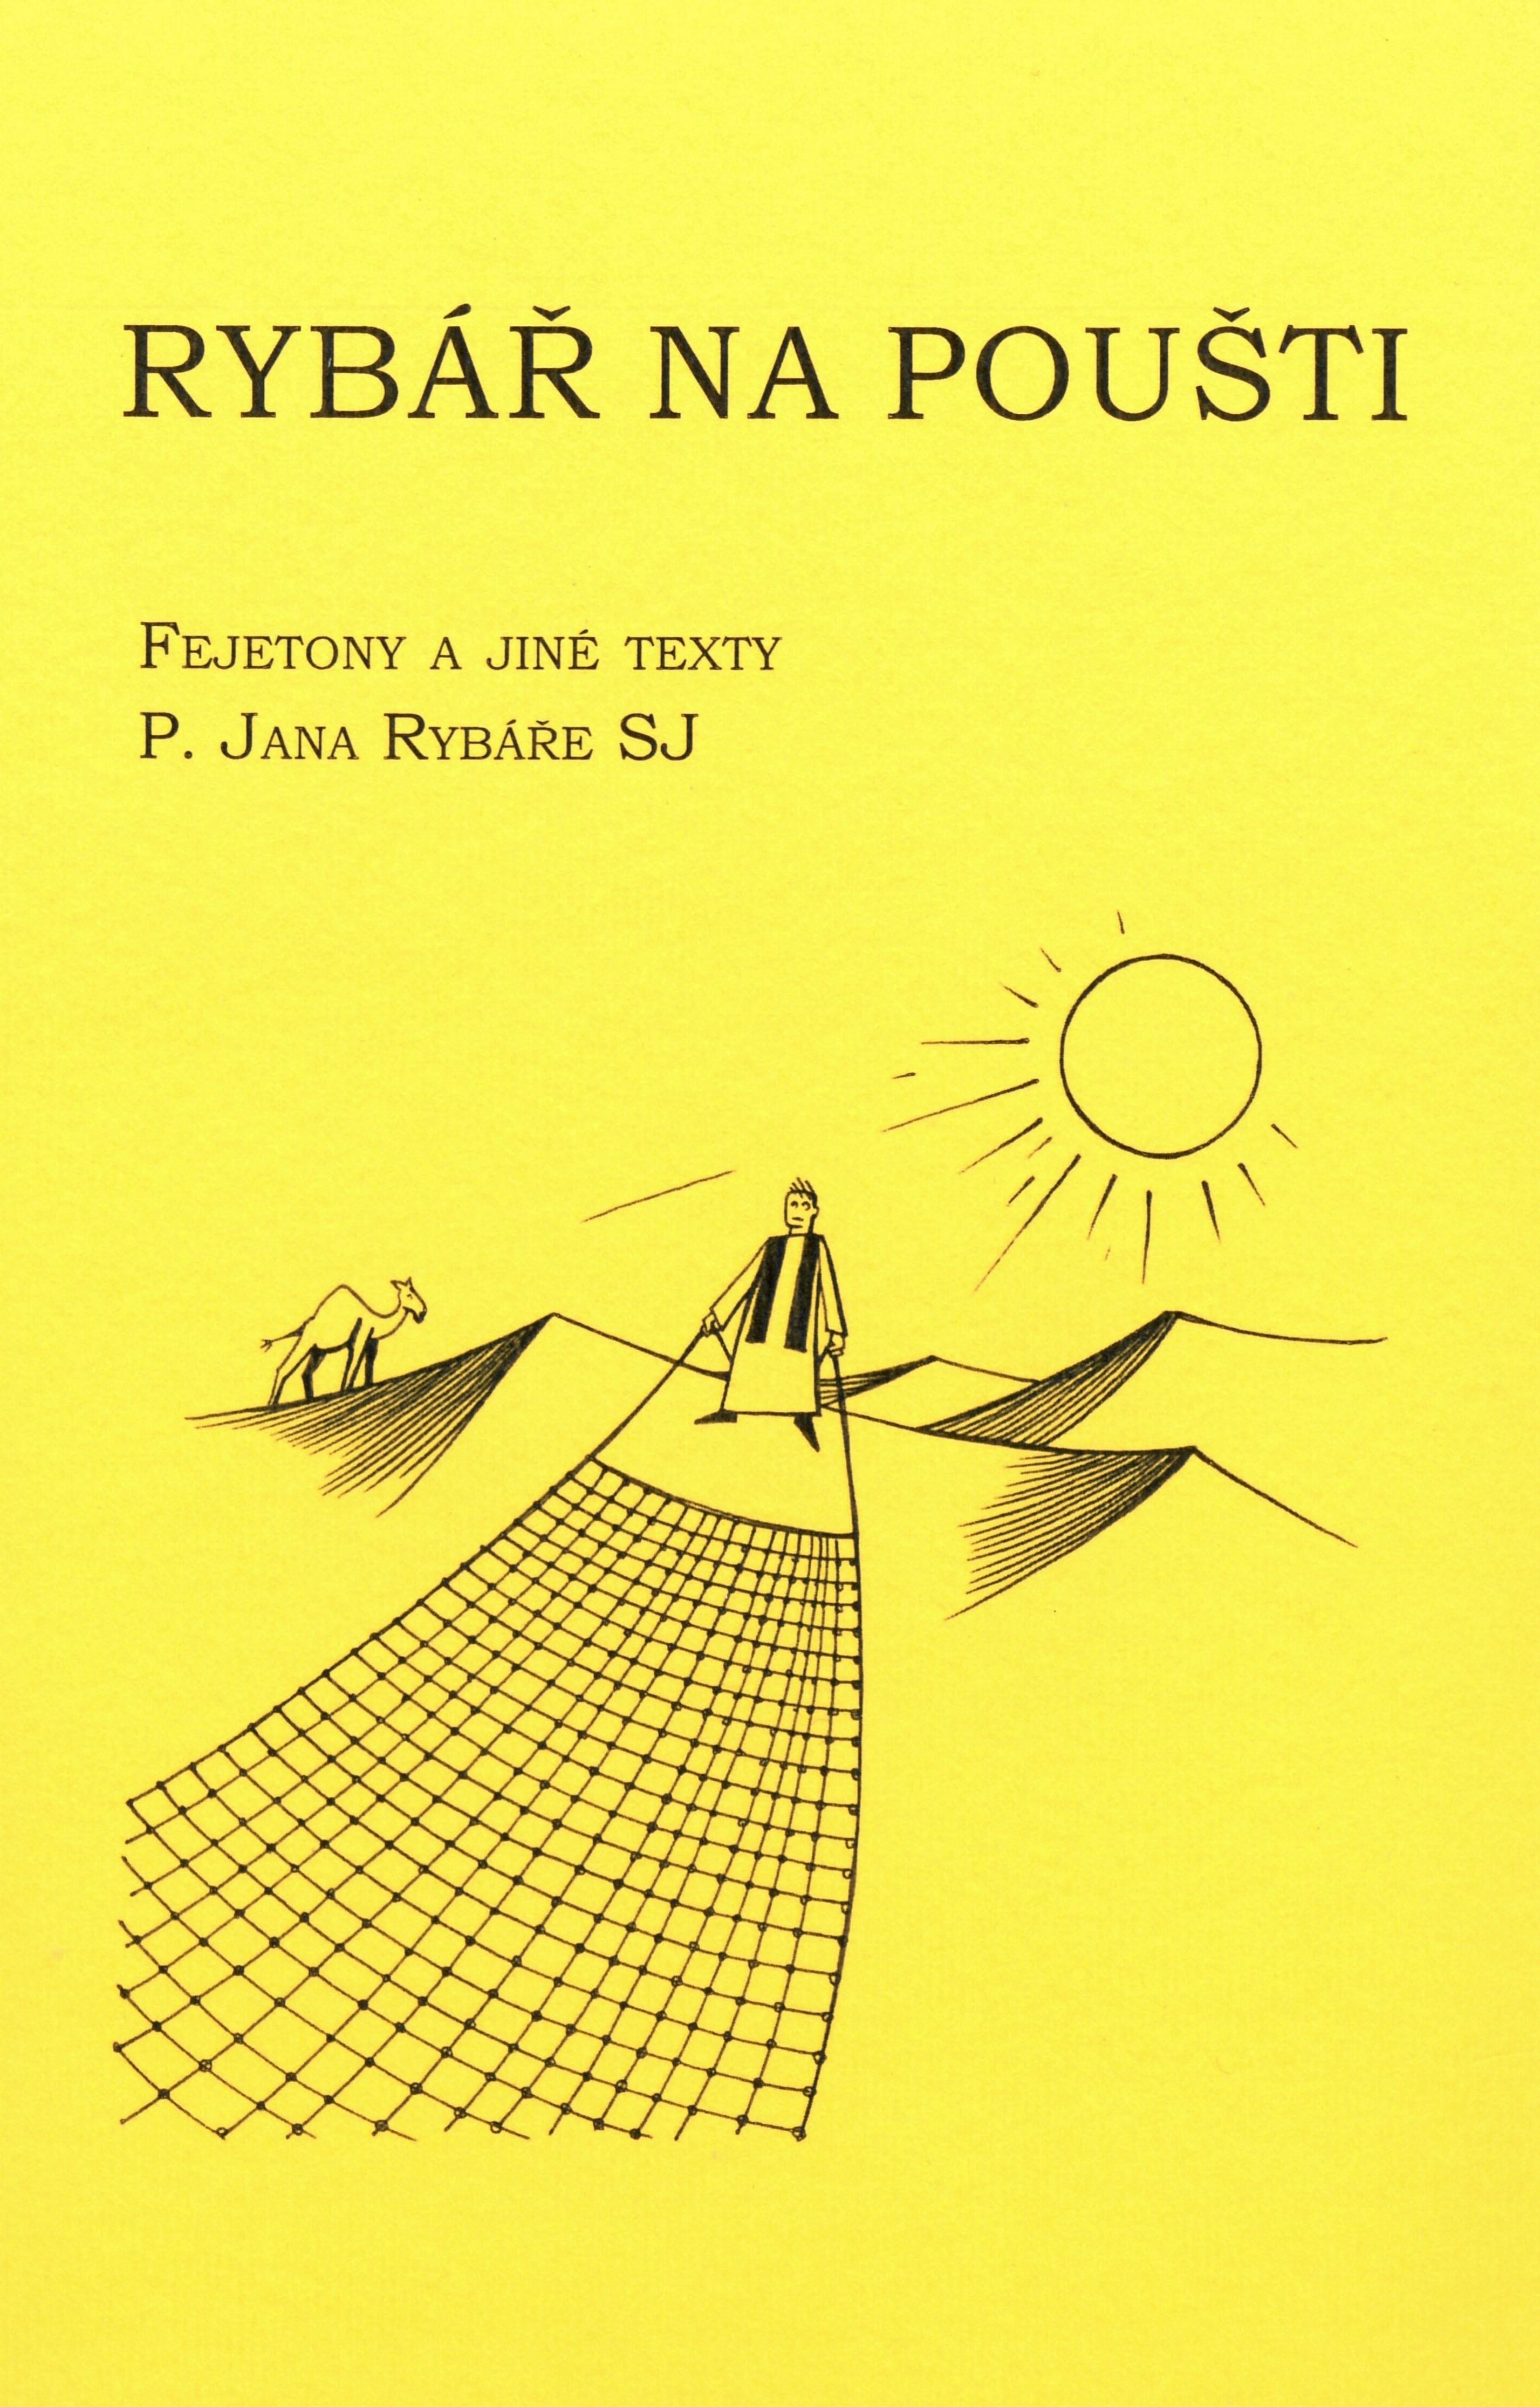 Další recenze knihy Rybář na poušti